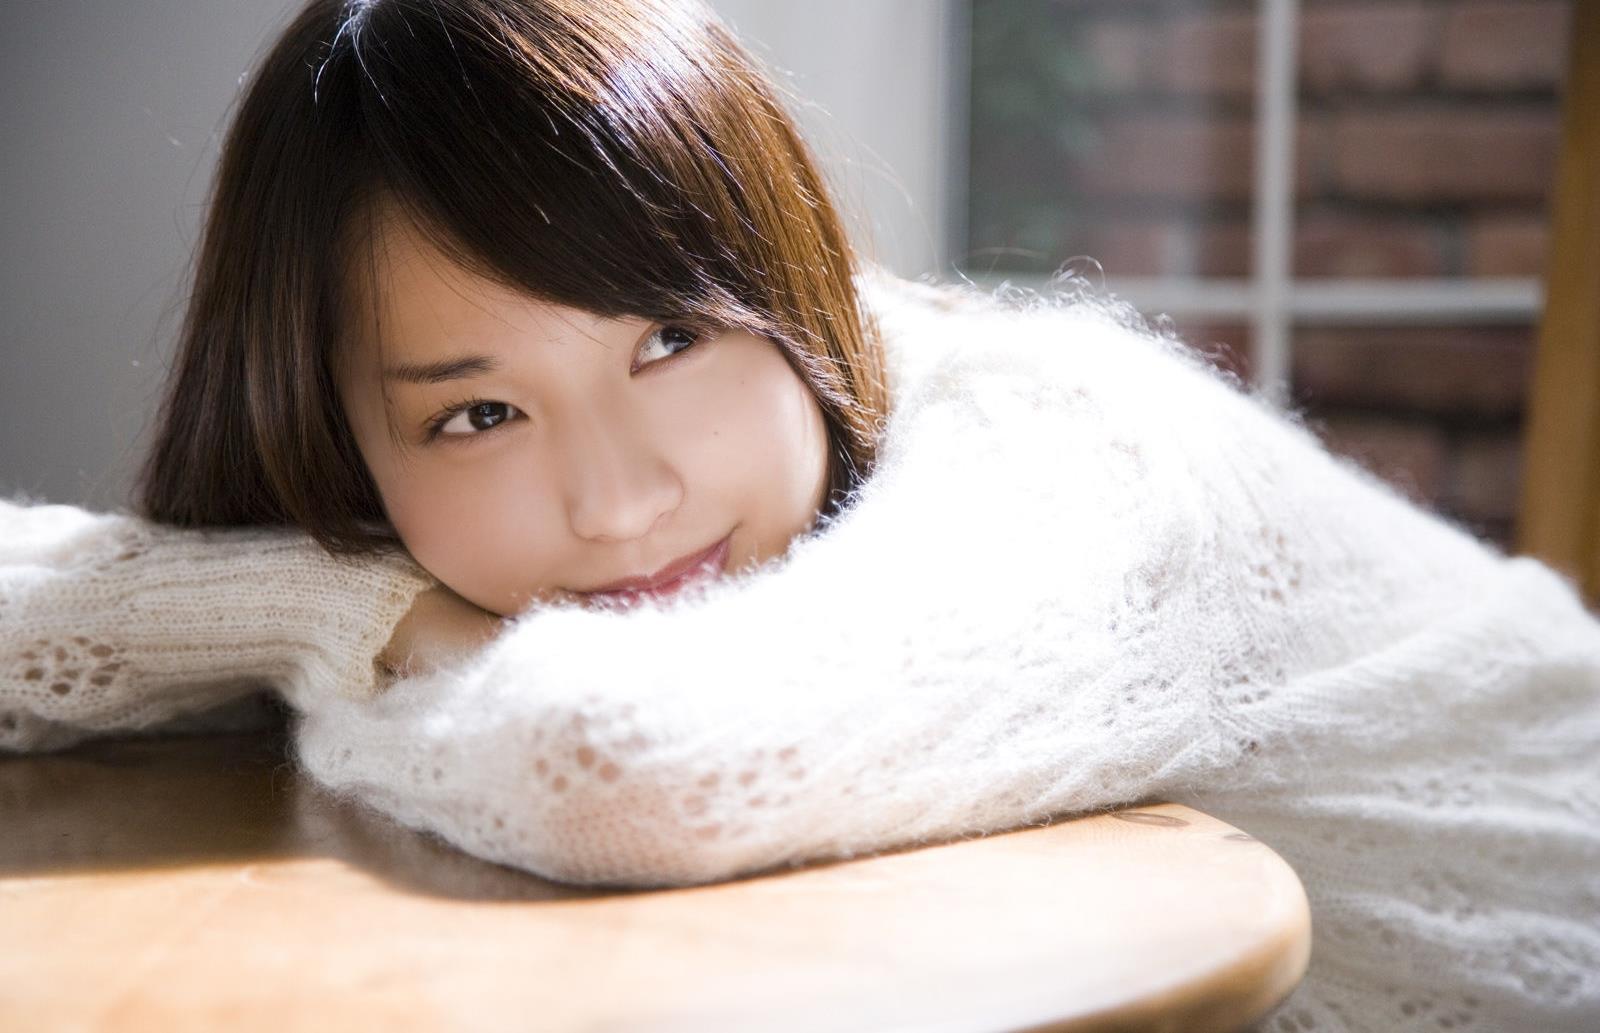 戸田恵梨香 エロ画像 37